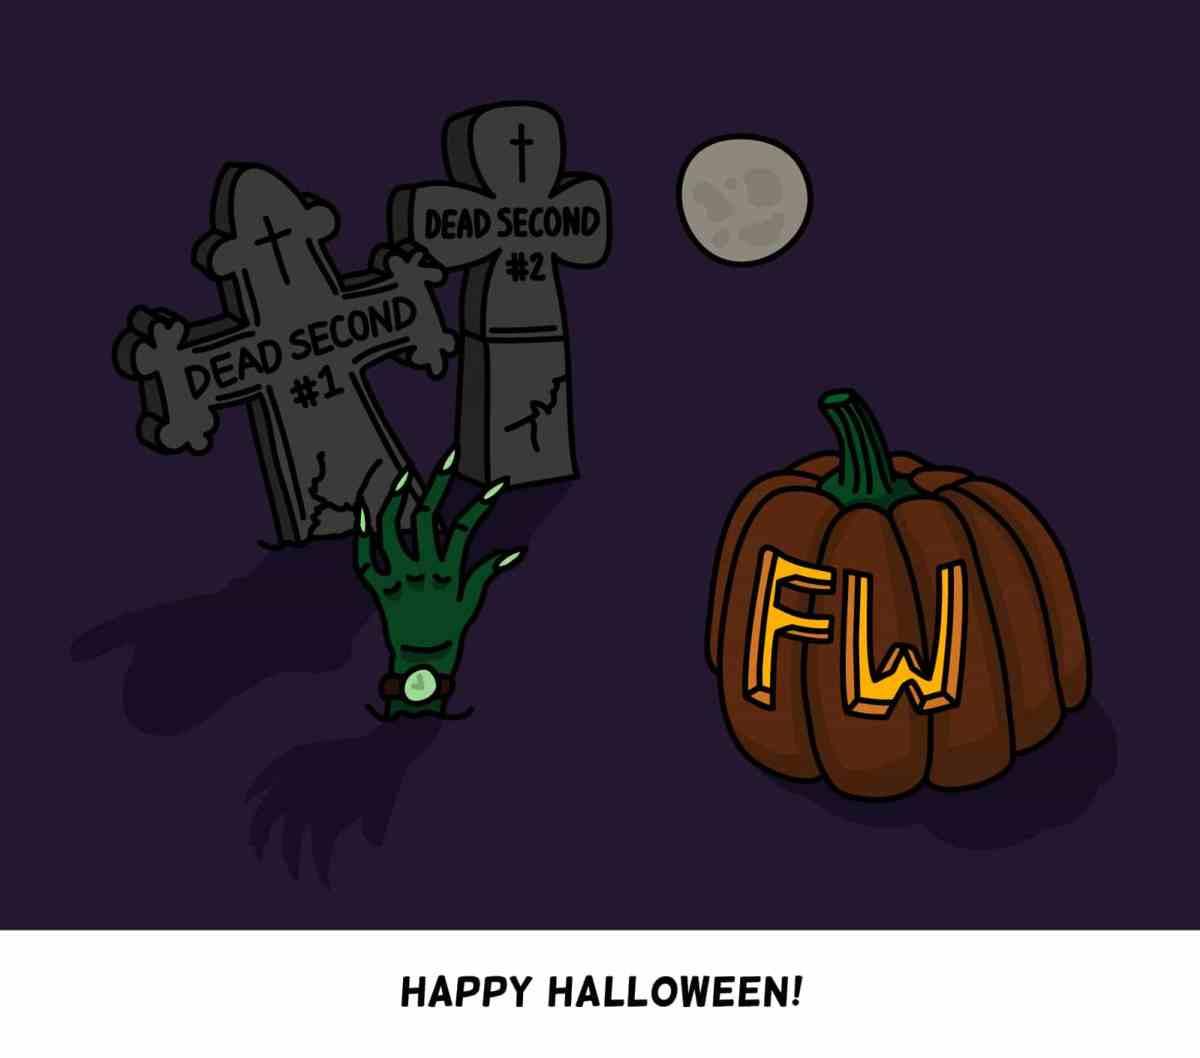 Halloween - Dead Seconds